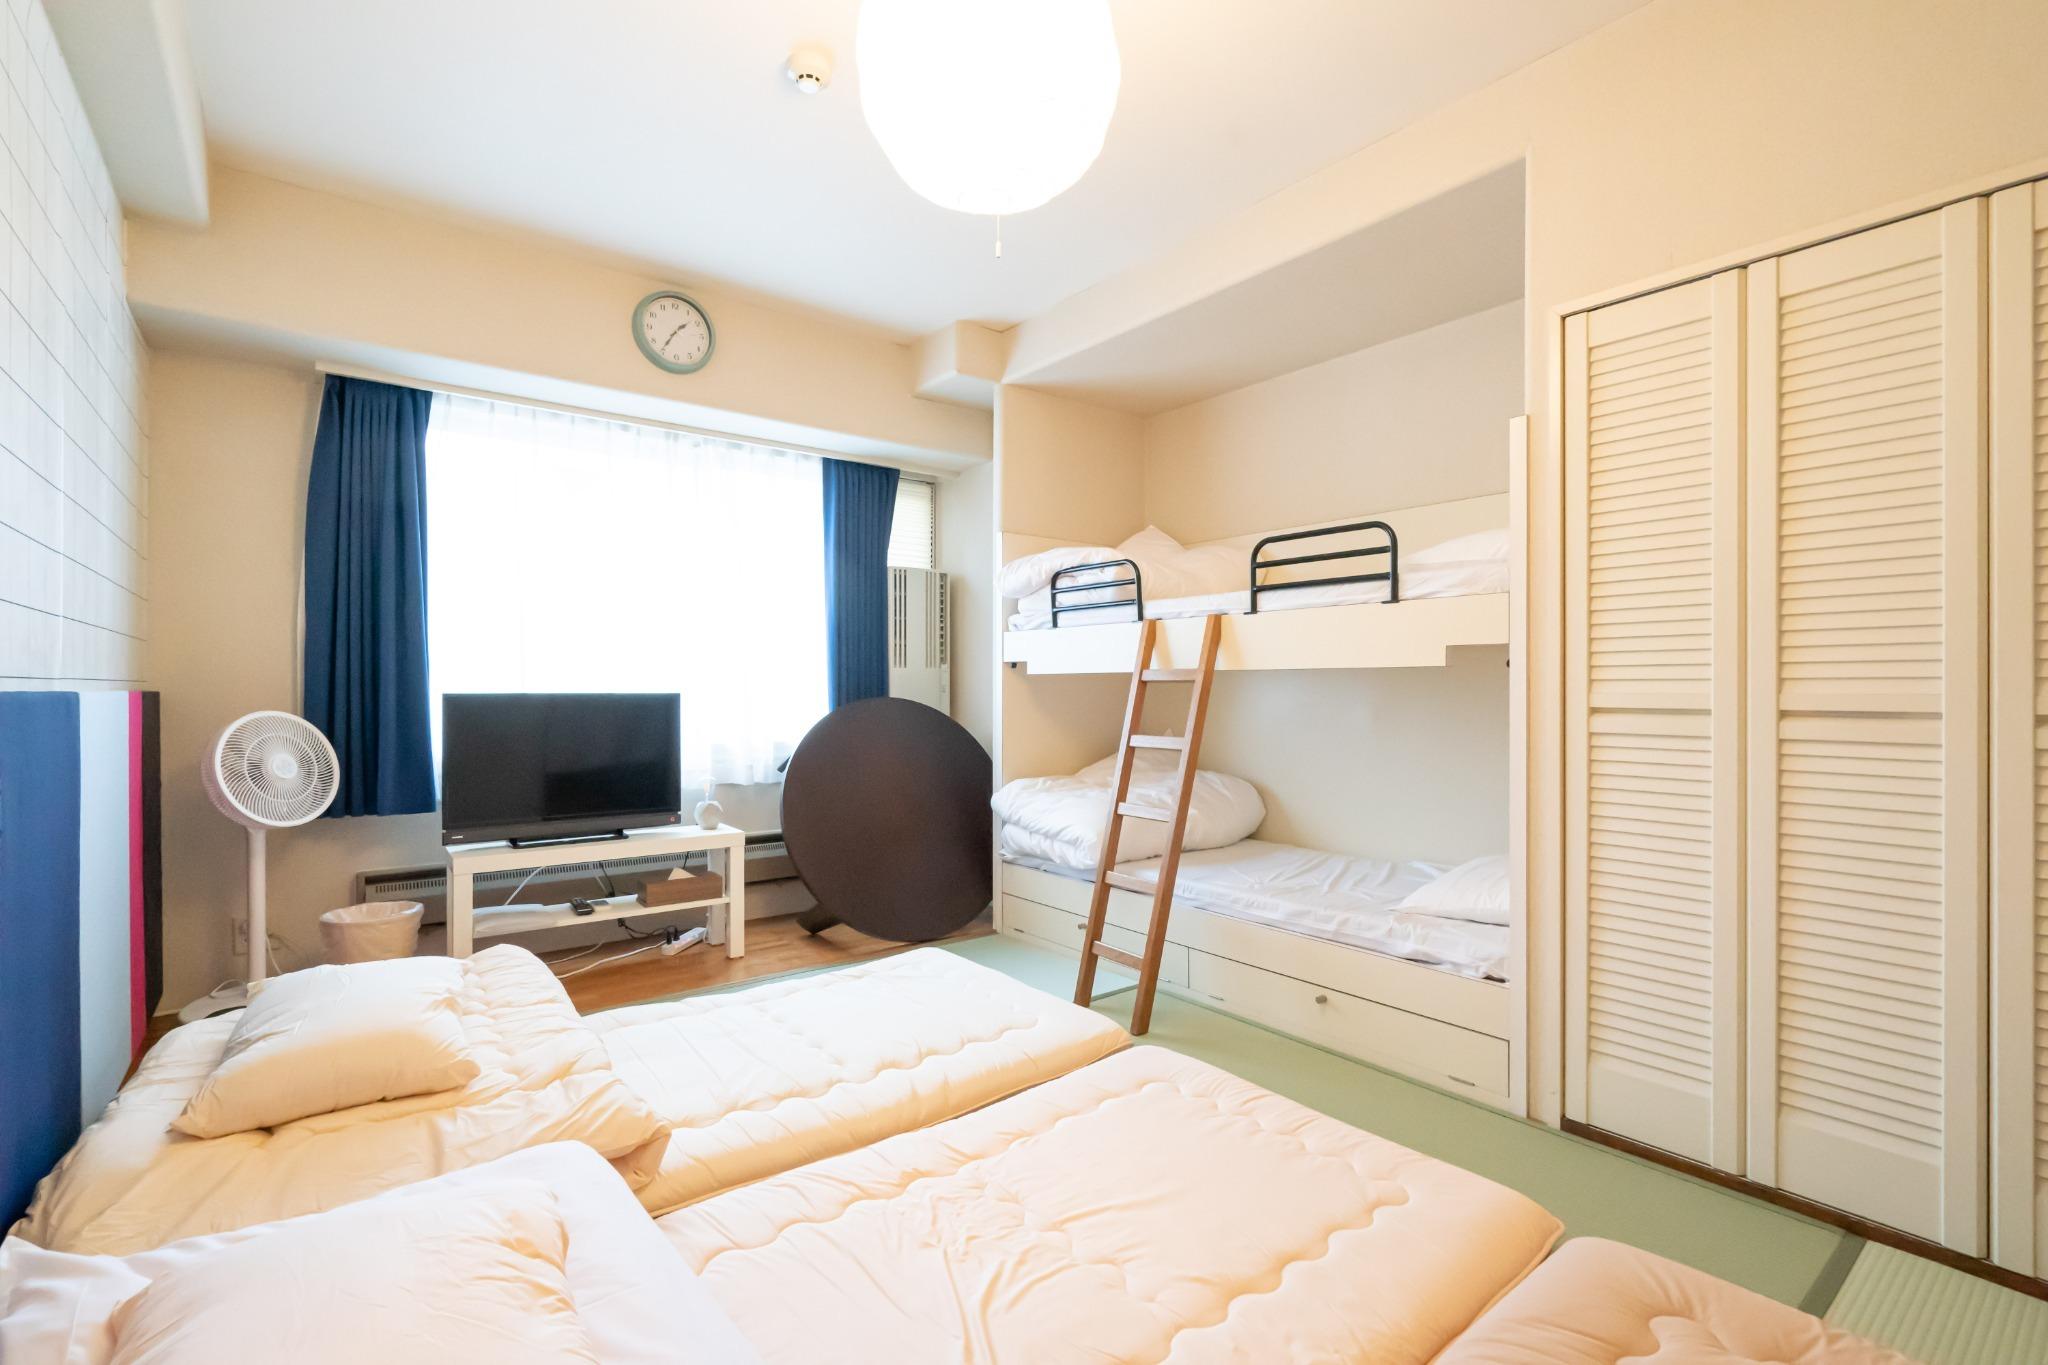 【値下げSALE中】温泉有・Wi-Fi完備・リゾートマンションでごゆっくり【406号室・5名】